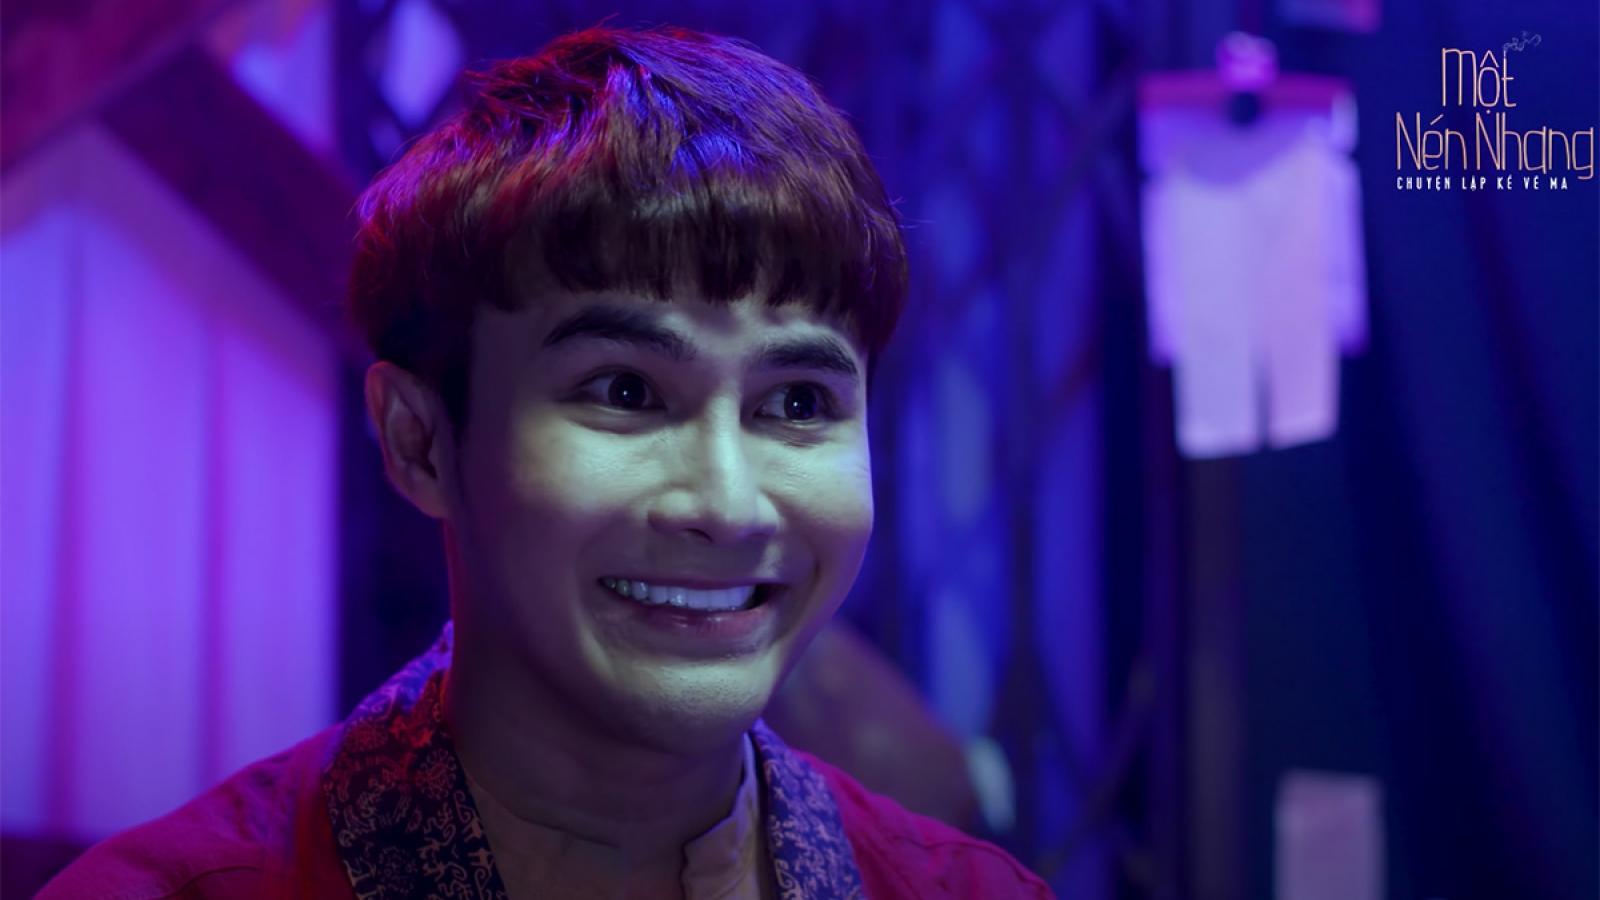 Huỳnh Lập kể chuyện ma lúc nửa đêm khiến khán giả nổi da gà